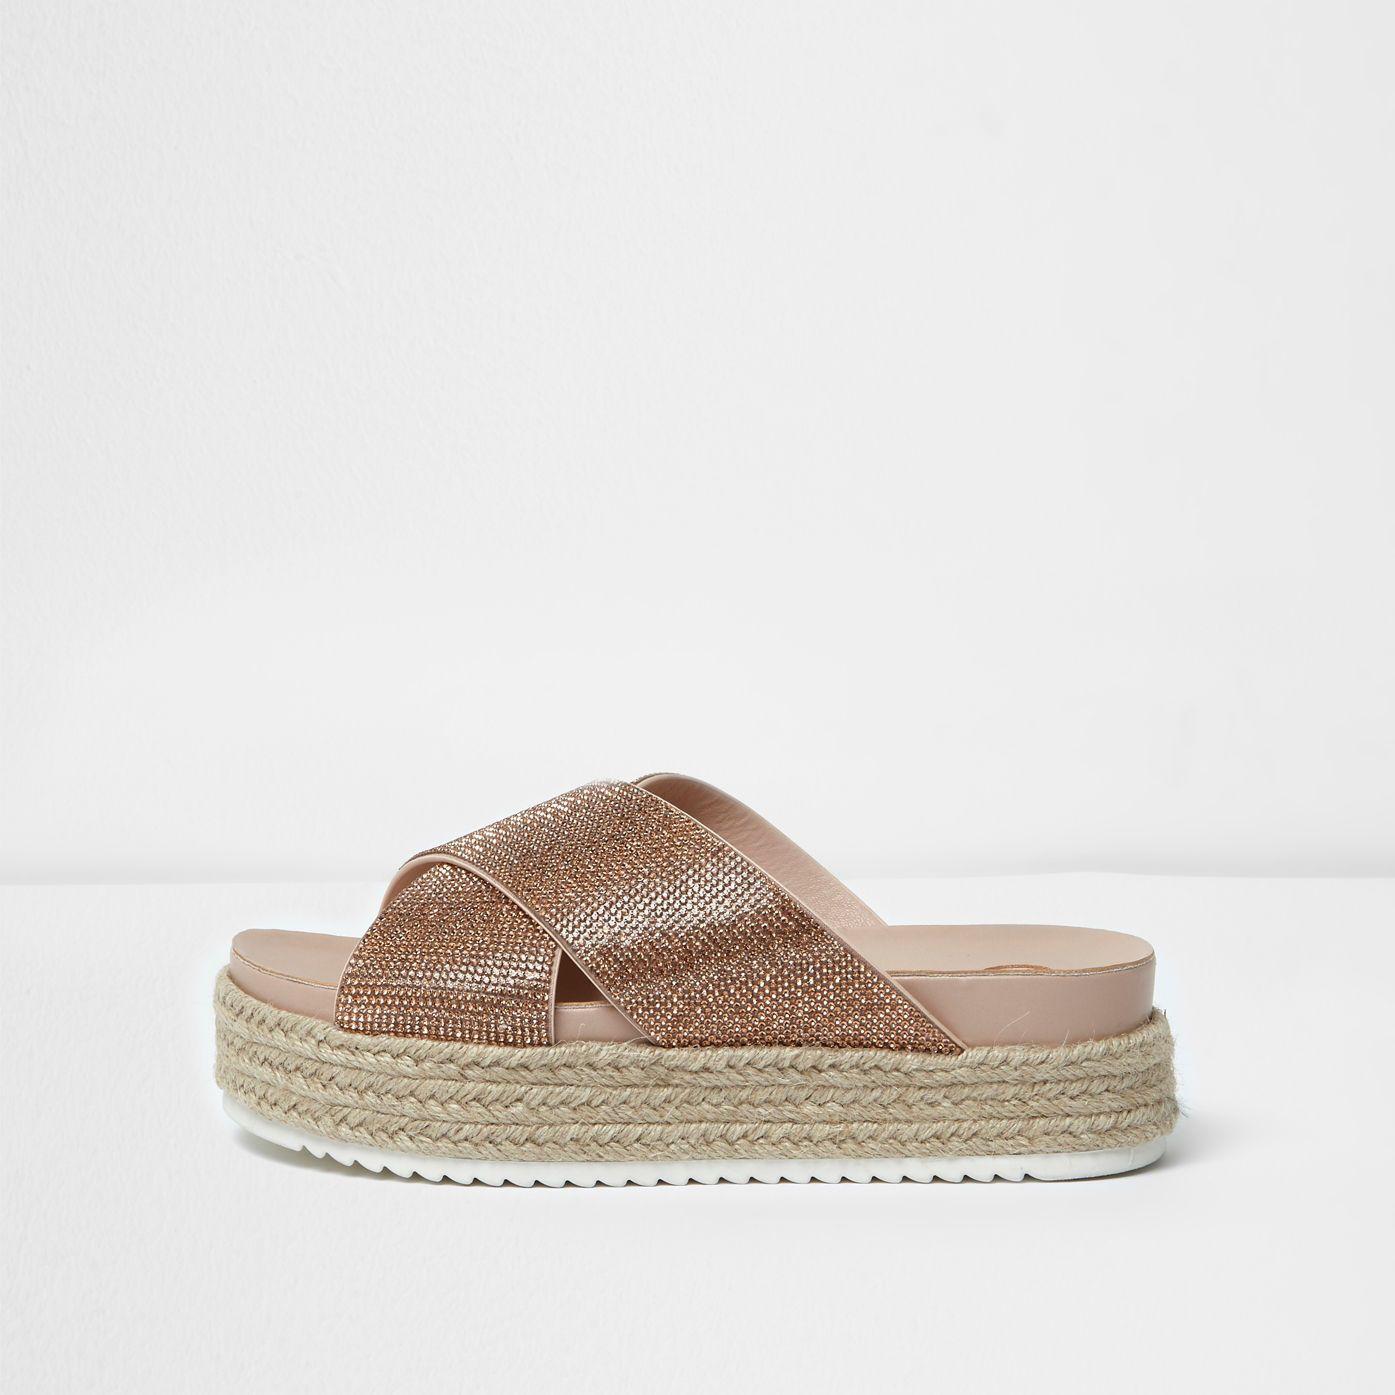 1dc5cb7a33 Gold embellished espadrille flatform sandals | S H O E S ...